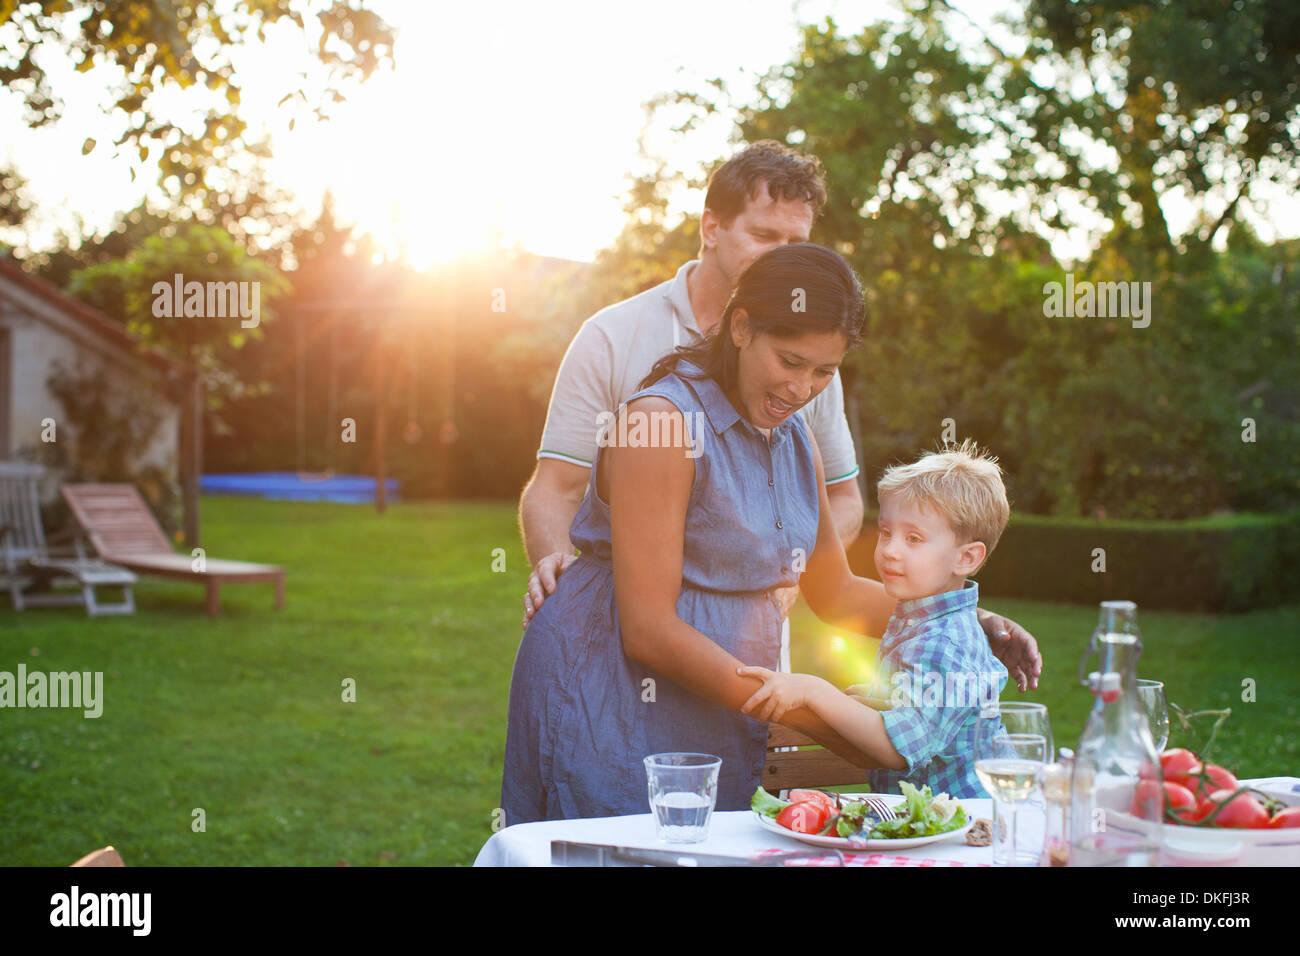 Family having dinner in garden - Stock Image